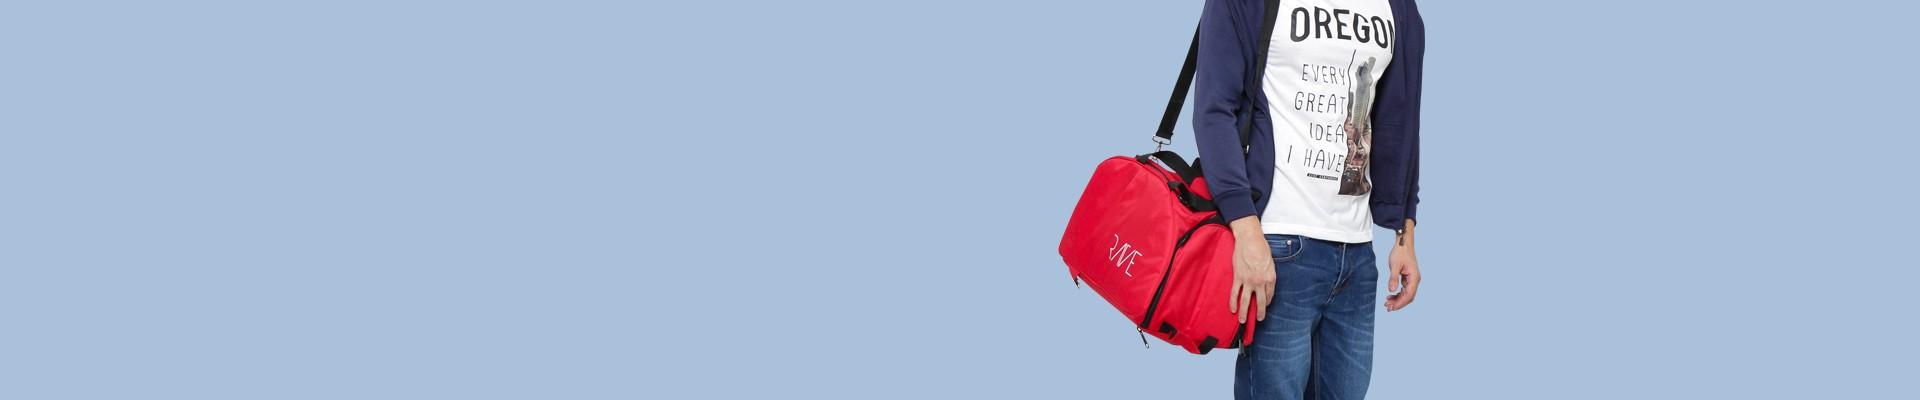 Jual Tas Travel Bag Pria - Model Terbaru & Harga Murah